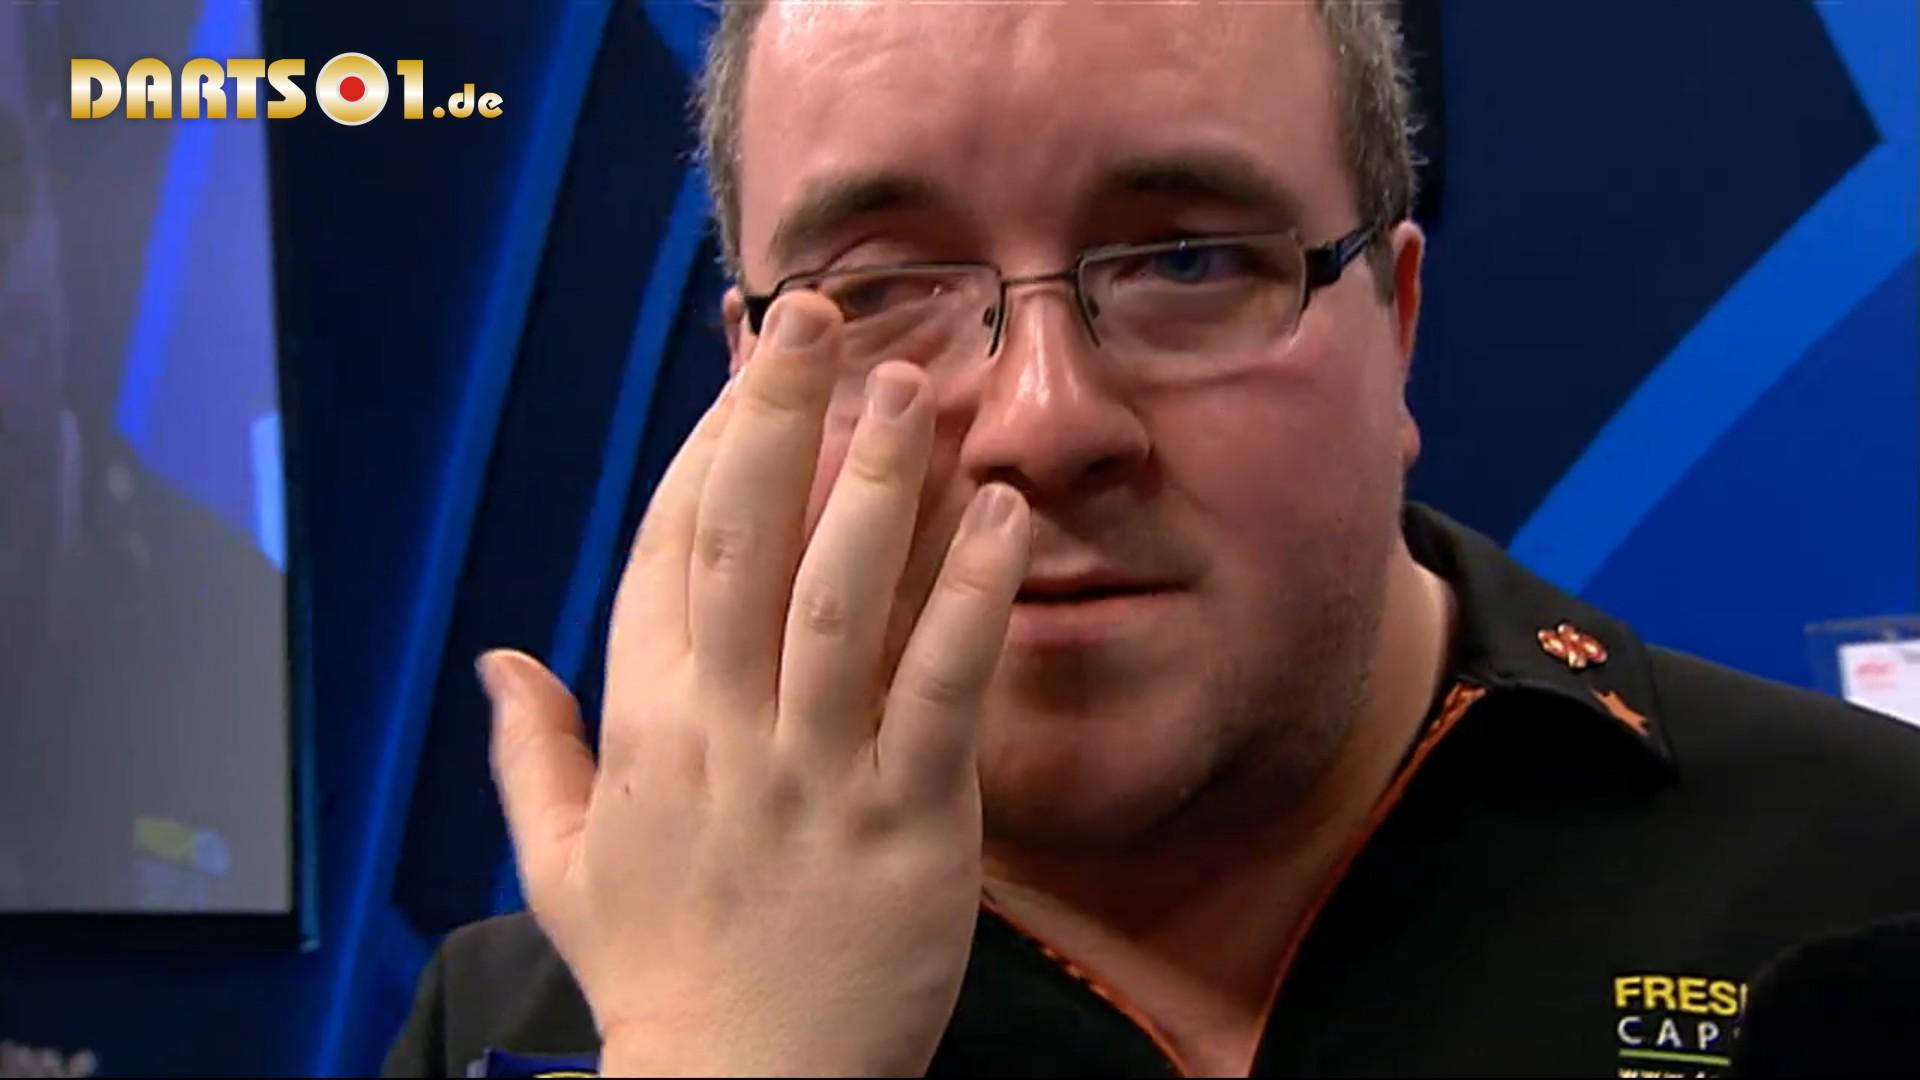 darts wm pdc